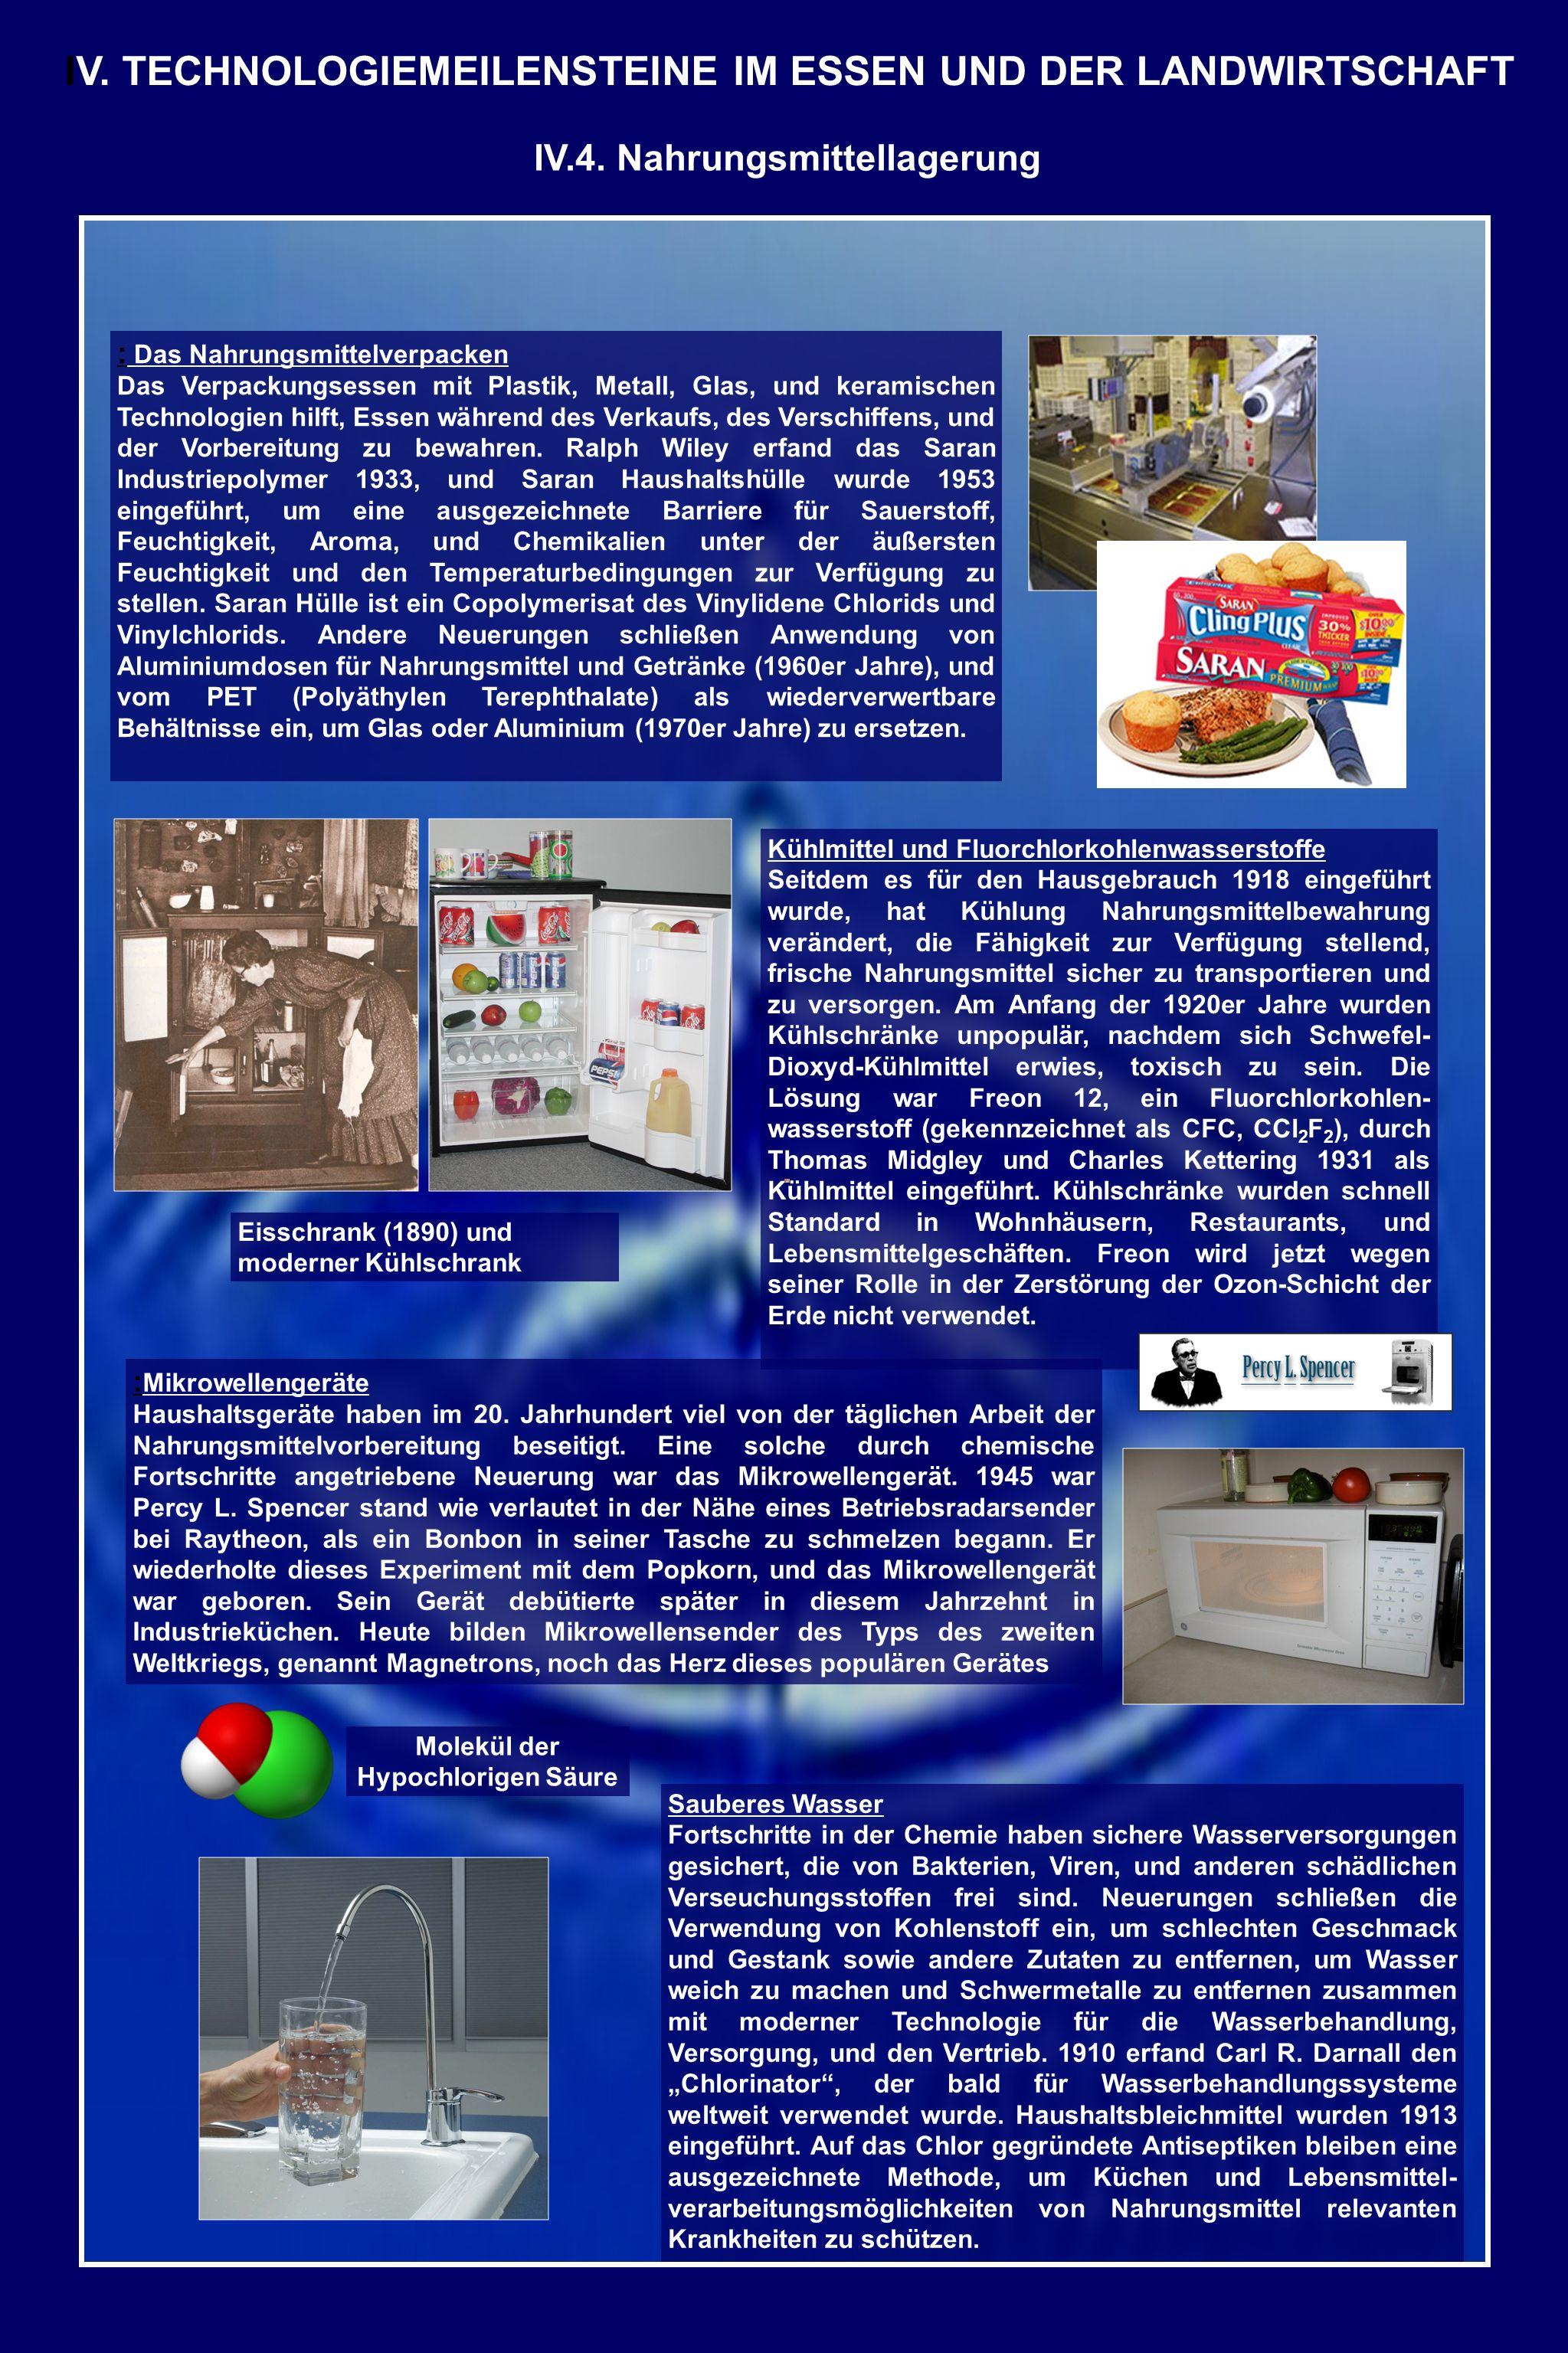 : Das Nahrungsmittelverpacken Das Verpackungsessen mit Plastik, Metall, Glas, und keramischen Technologien hilft, Essen während des Verkaufs, des Verschiffens, und der Vorbereitung zu bewahren.